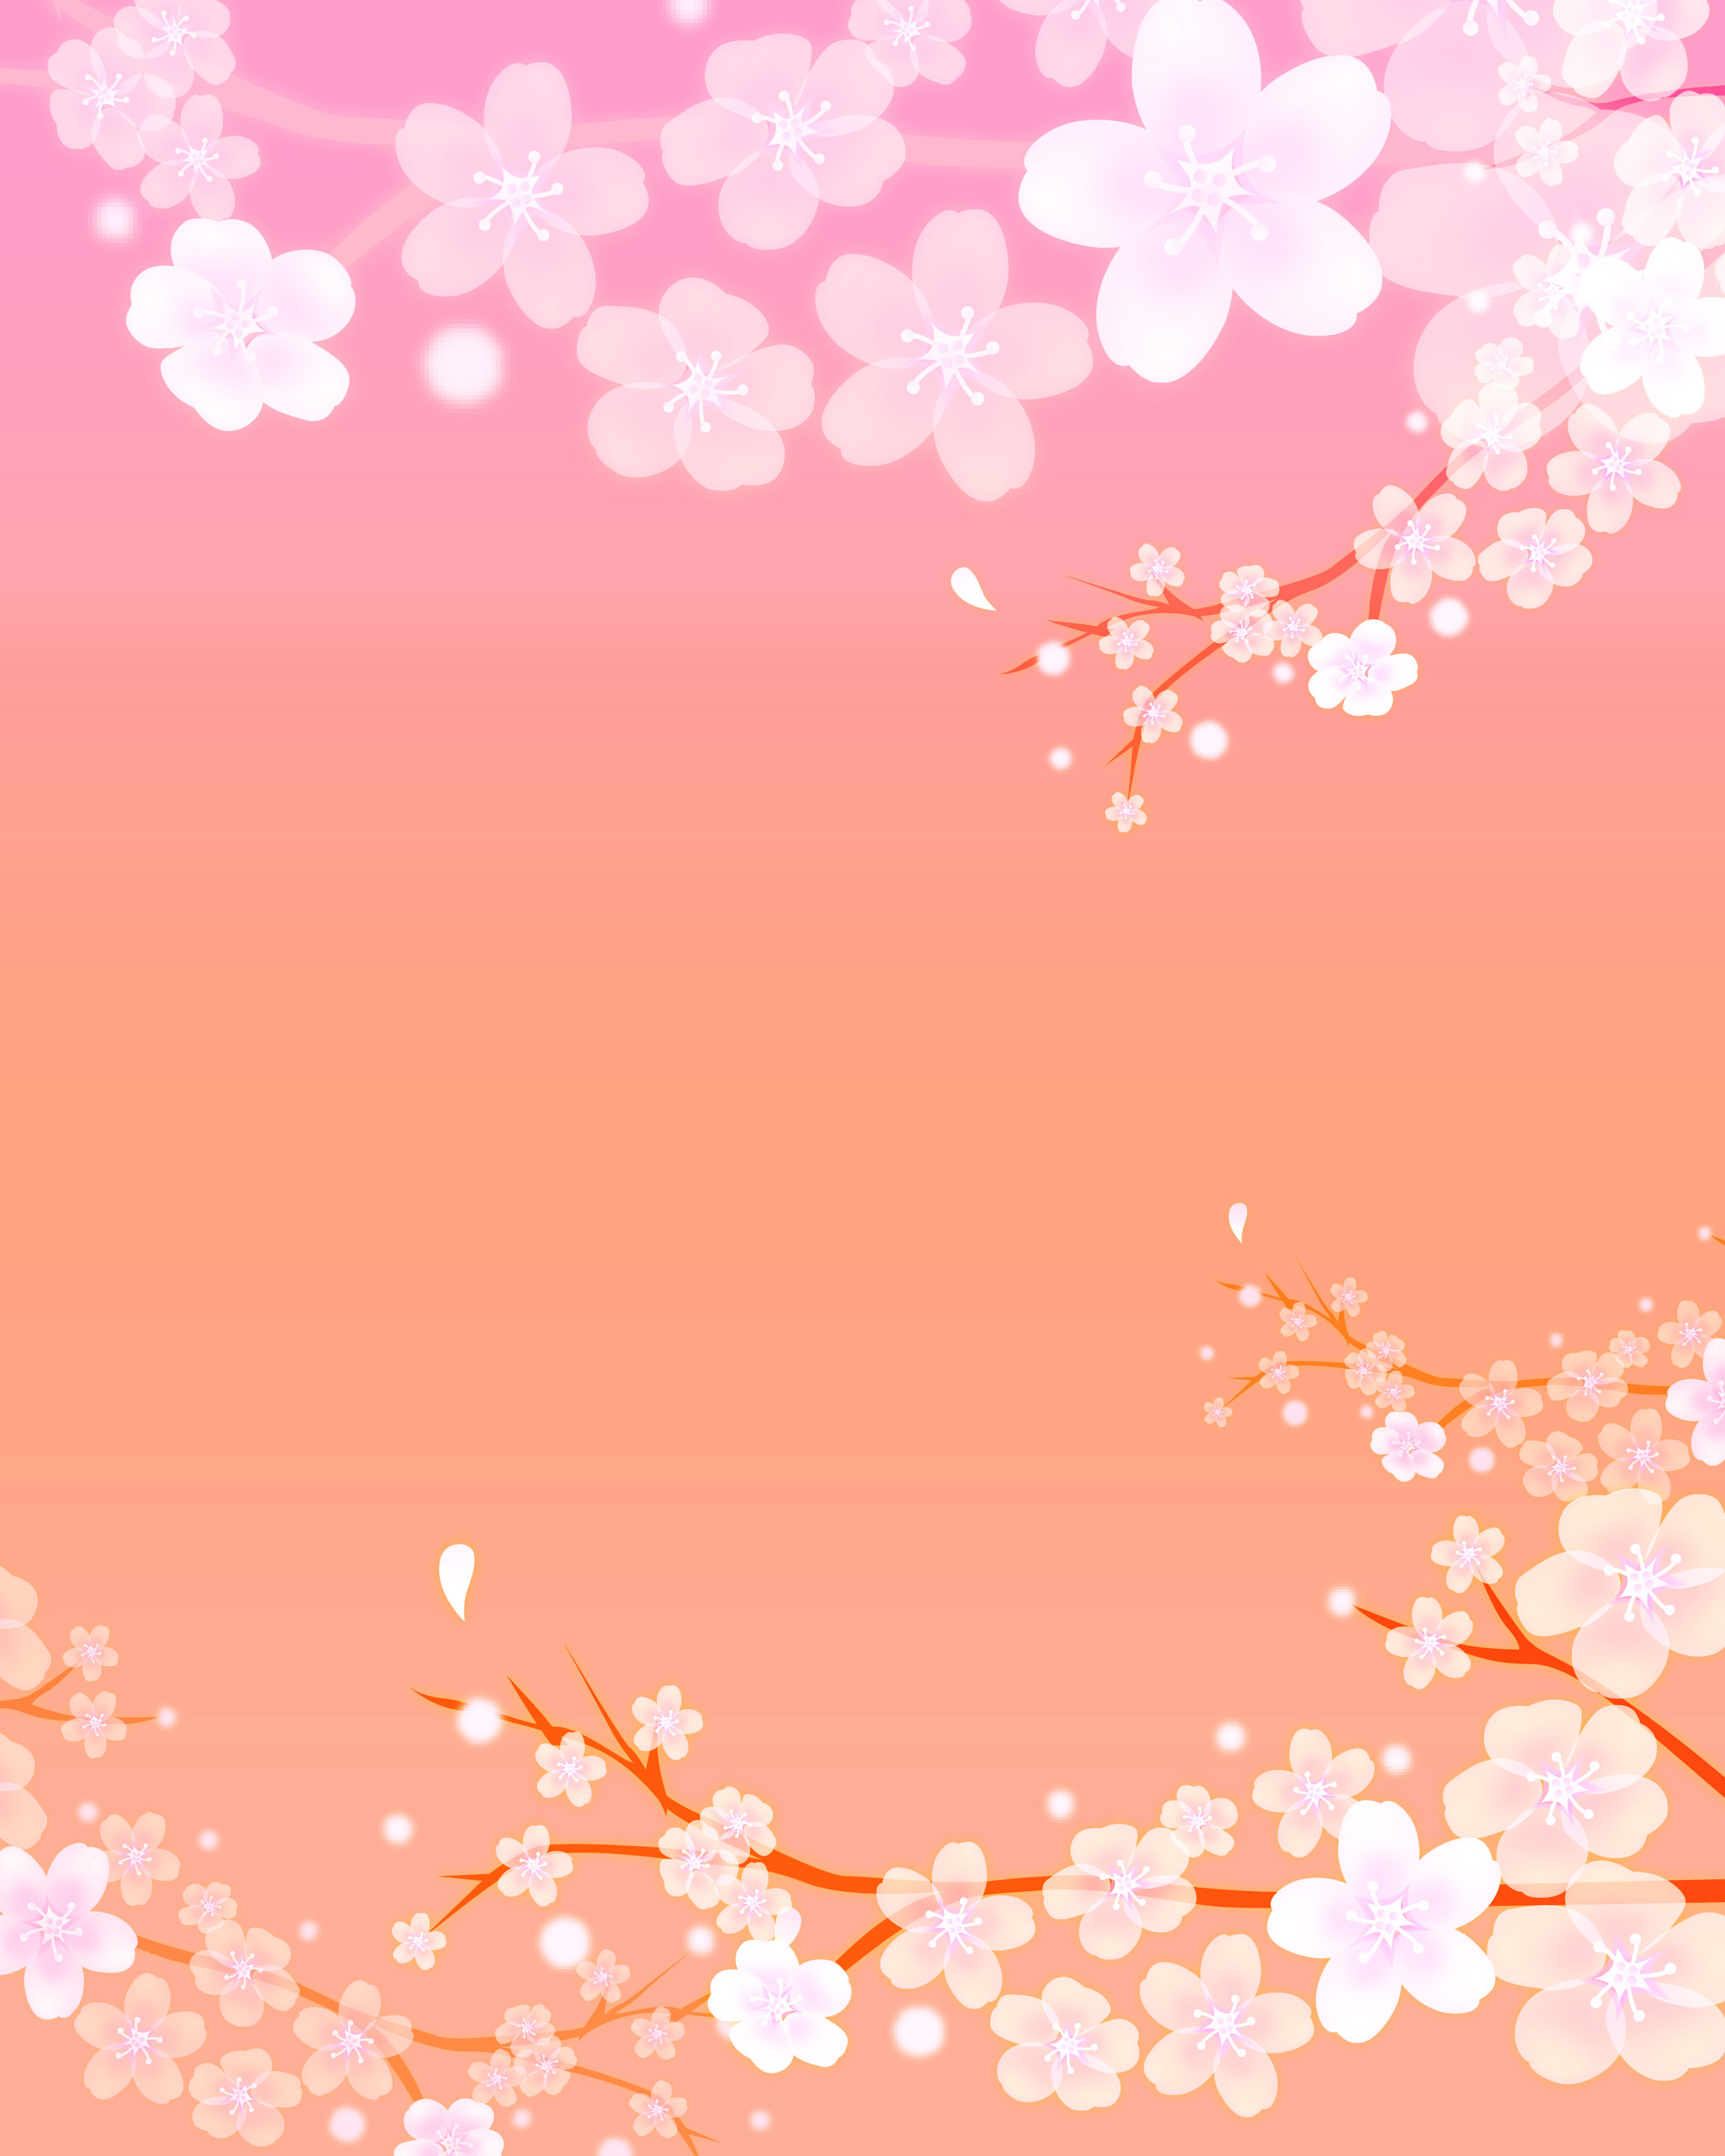 桜 さくら の画像 イラスト フリー素材 No 052 桜壁紙 ピンク 枝